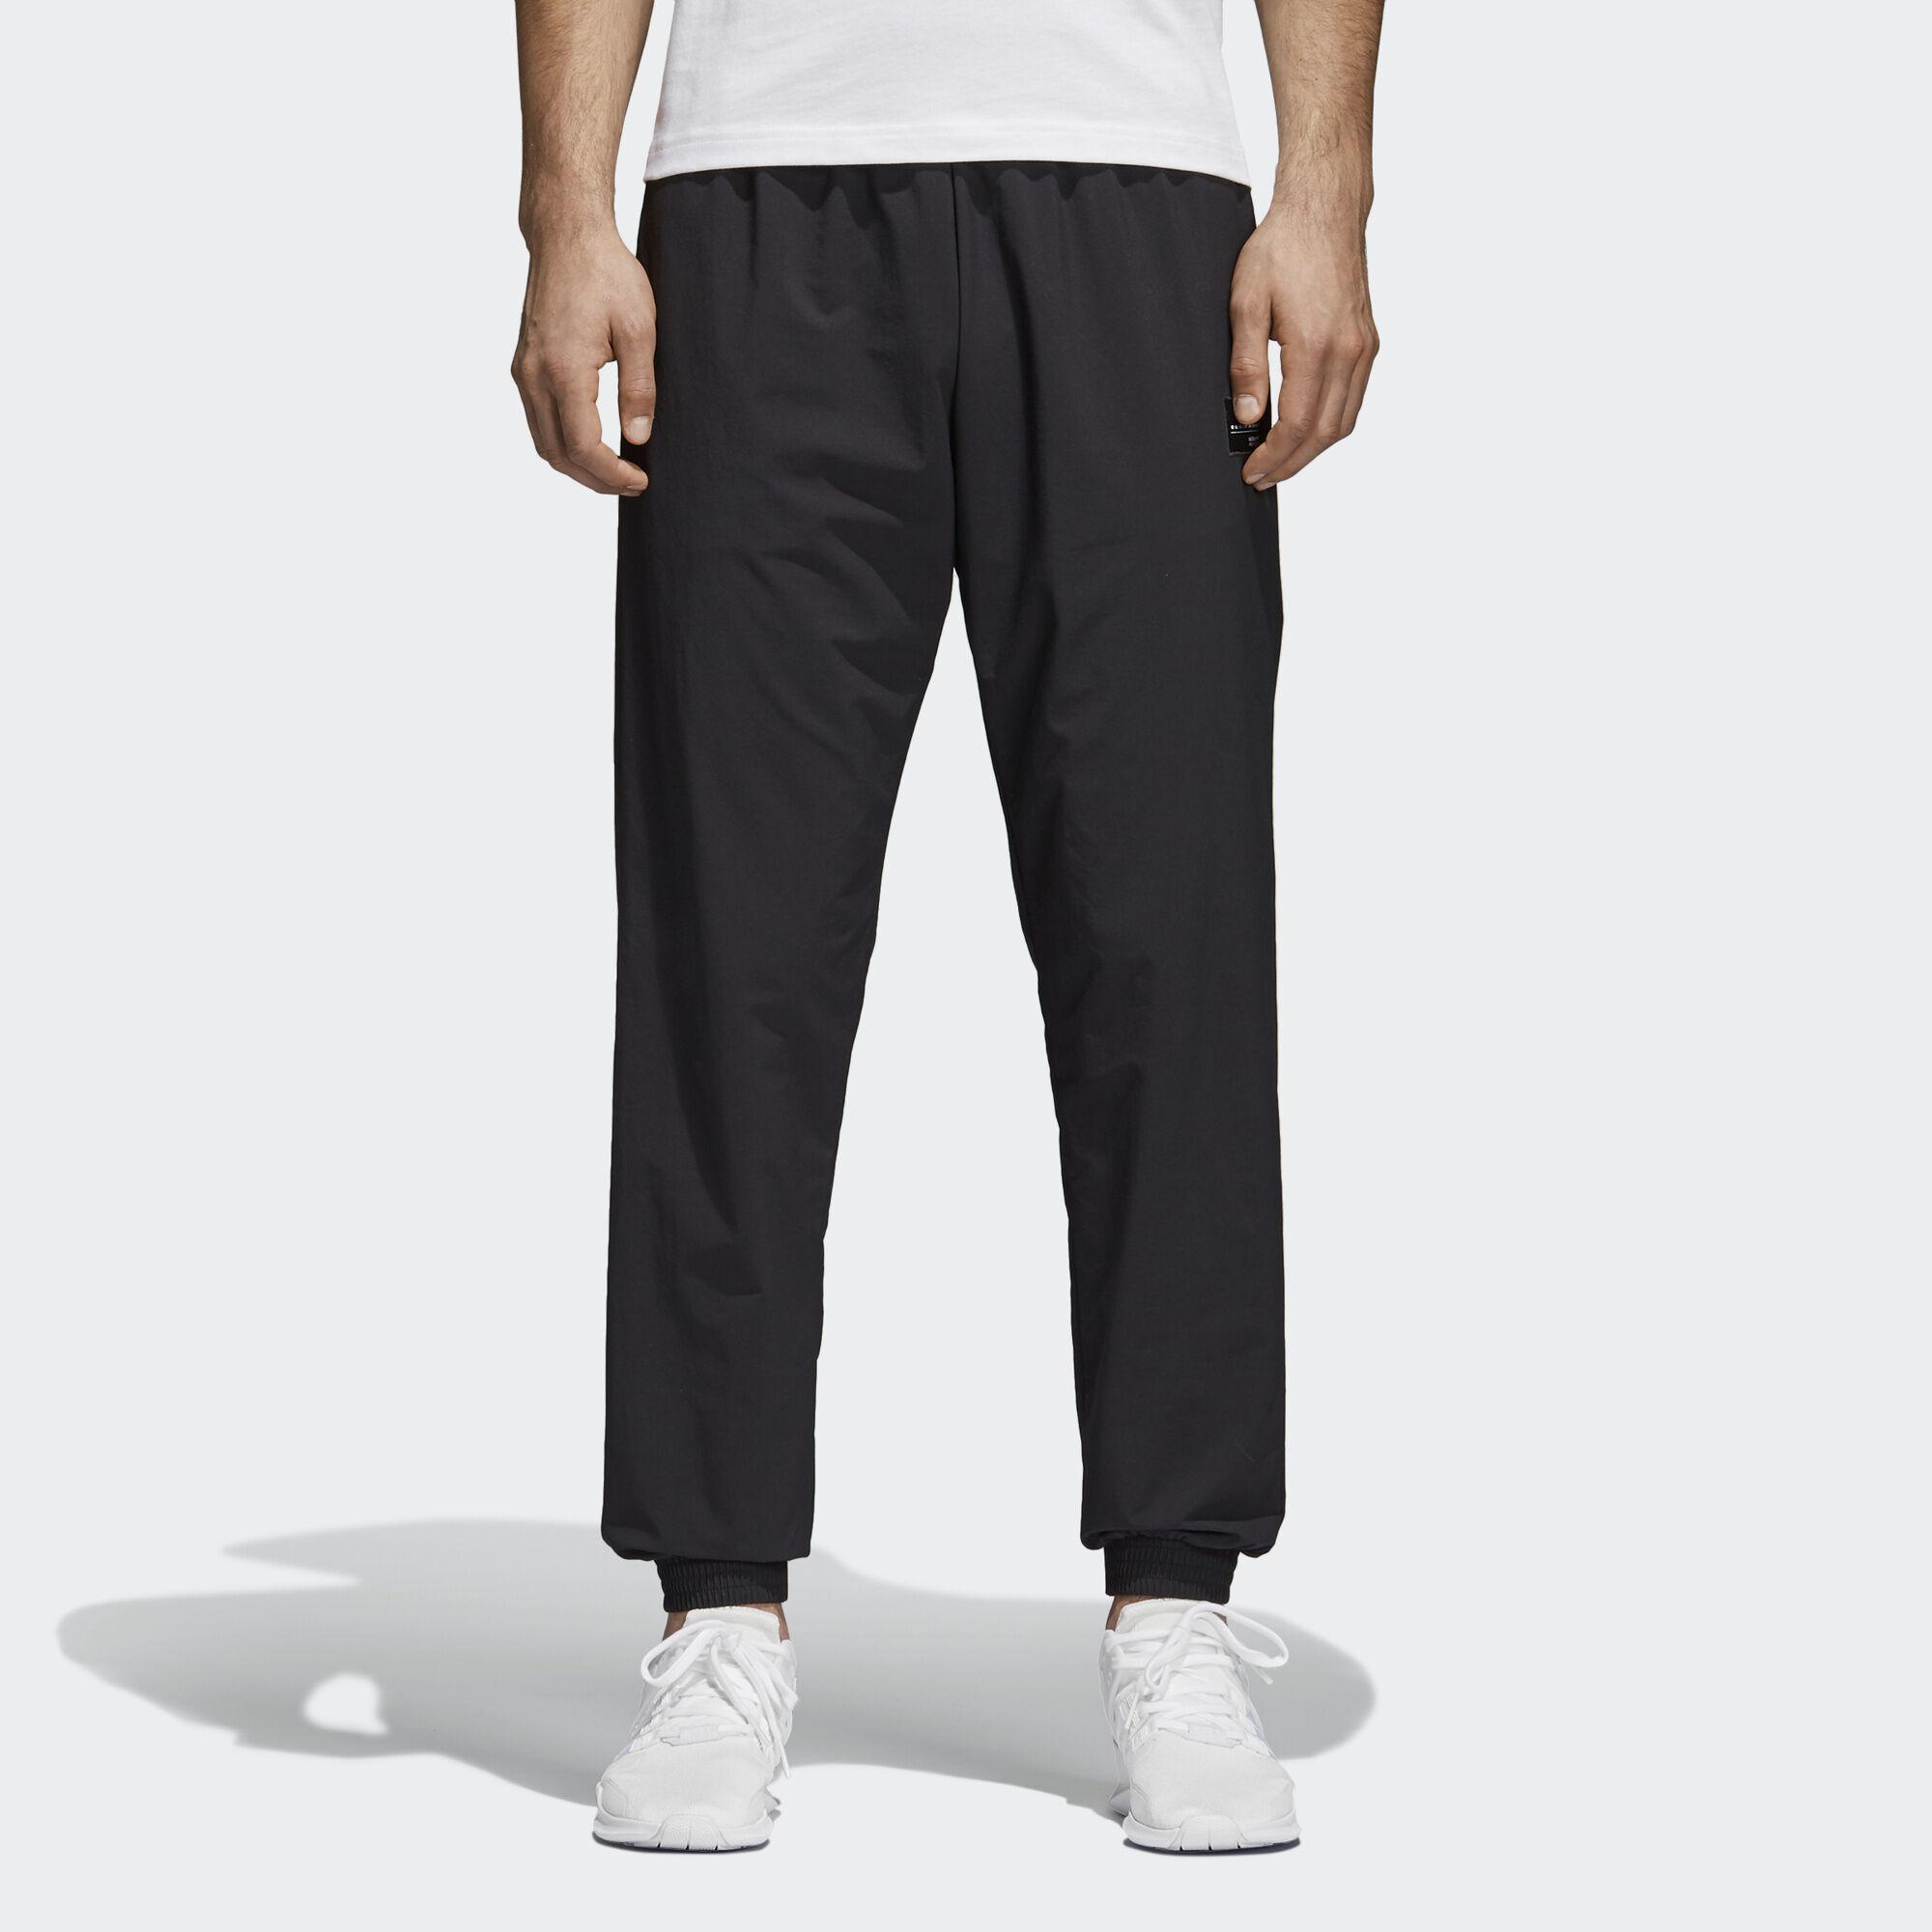 official photos 13ba4 84346 adidas - EQT Pants Black CE2231